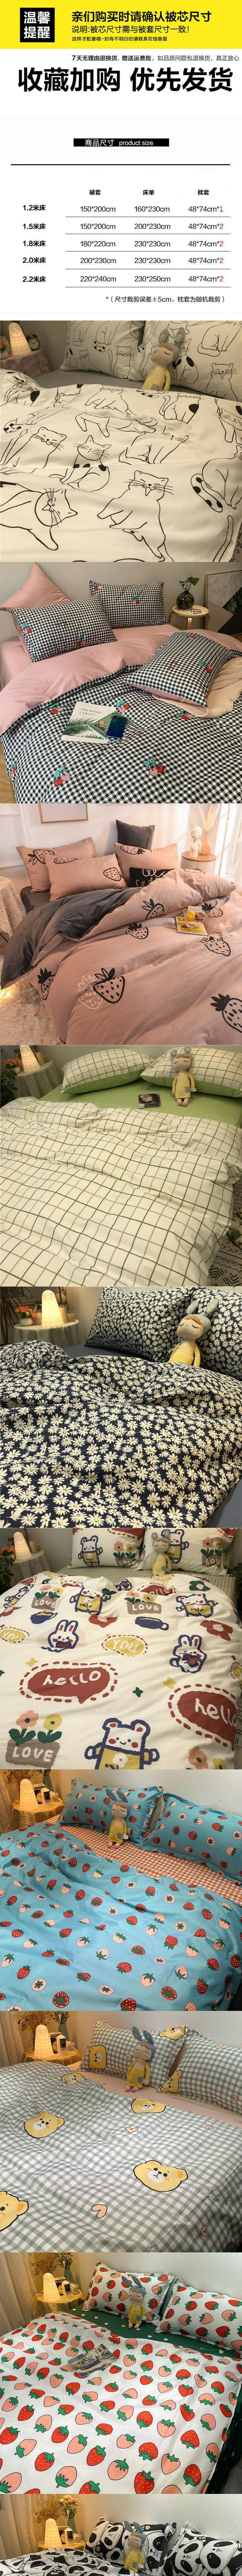 中國代購|中國批發-ibuy99|北欧小清新可爱小猫床单床上用品四件套少女心被套学生宿舍三件.